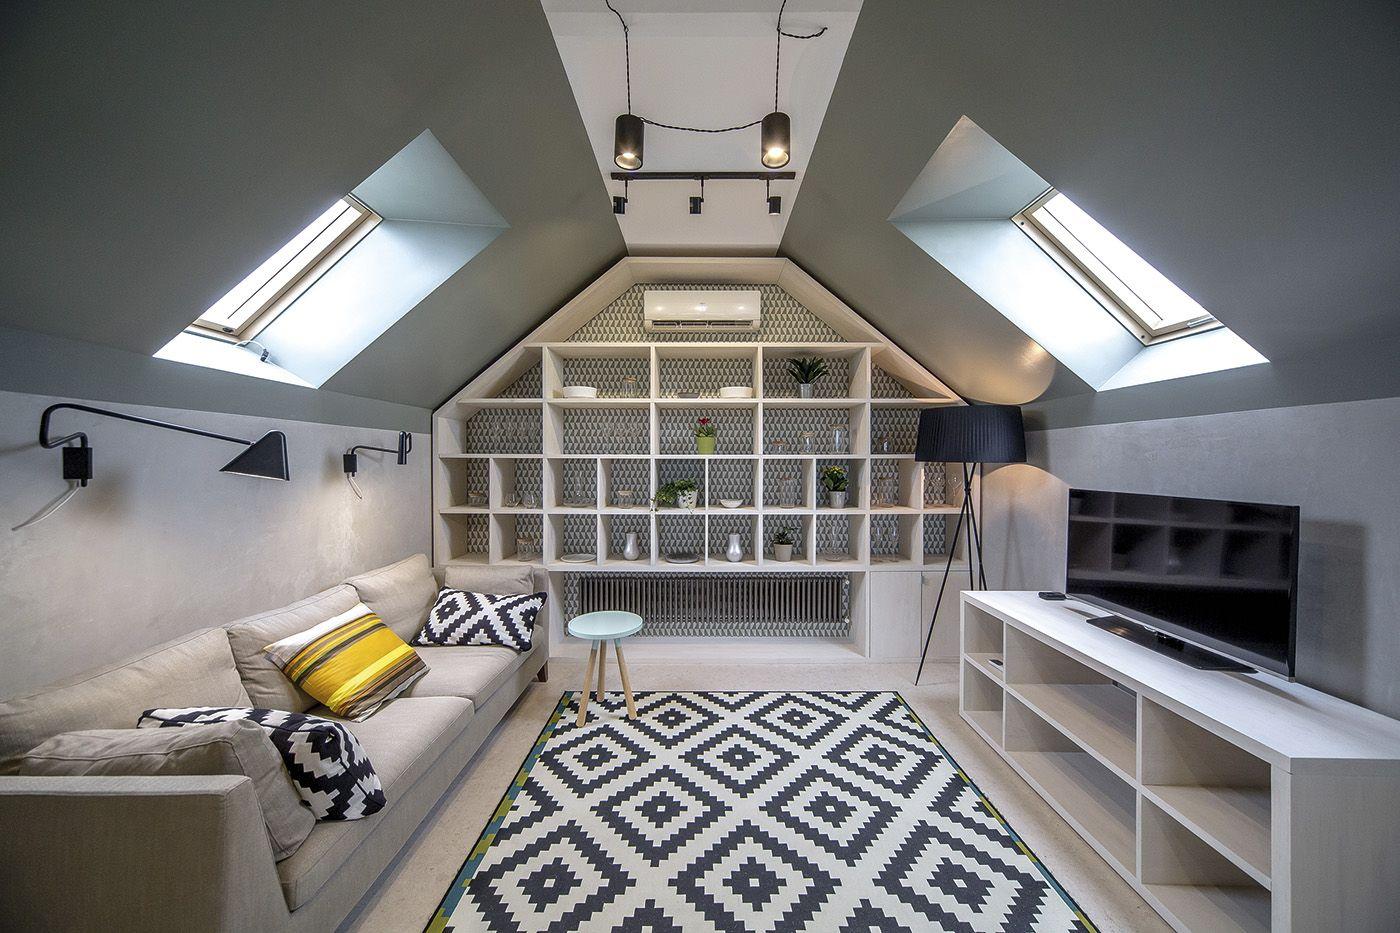 Wonen in een loft met nieuwe interieur trends en veel licht door